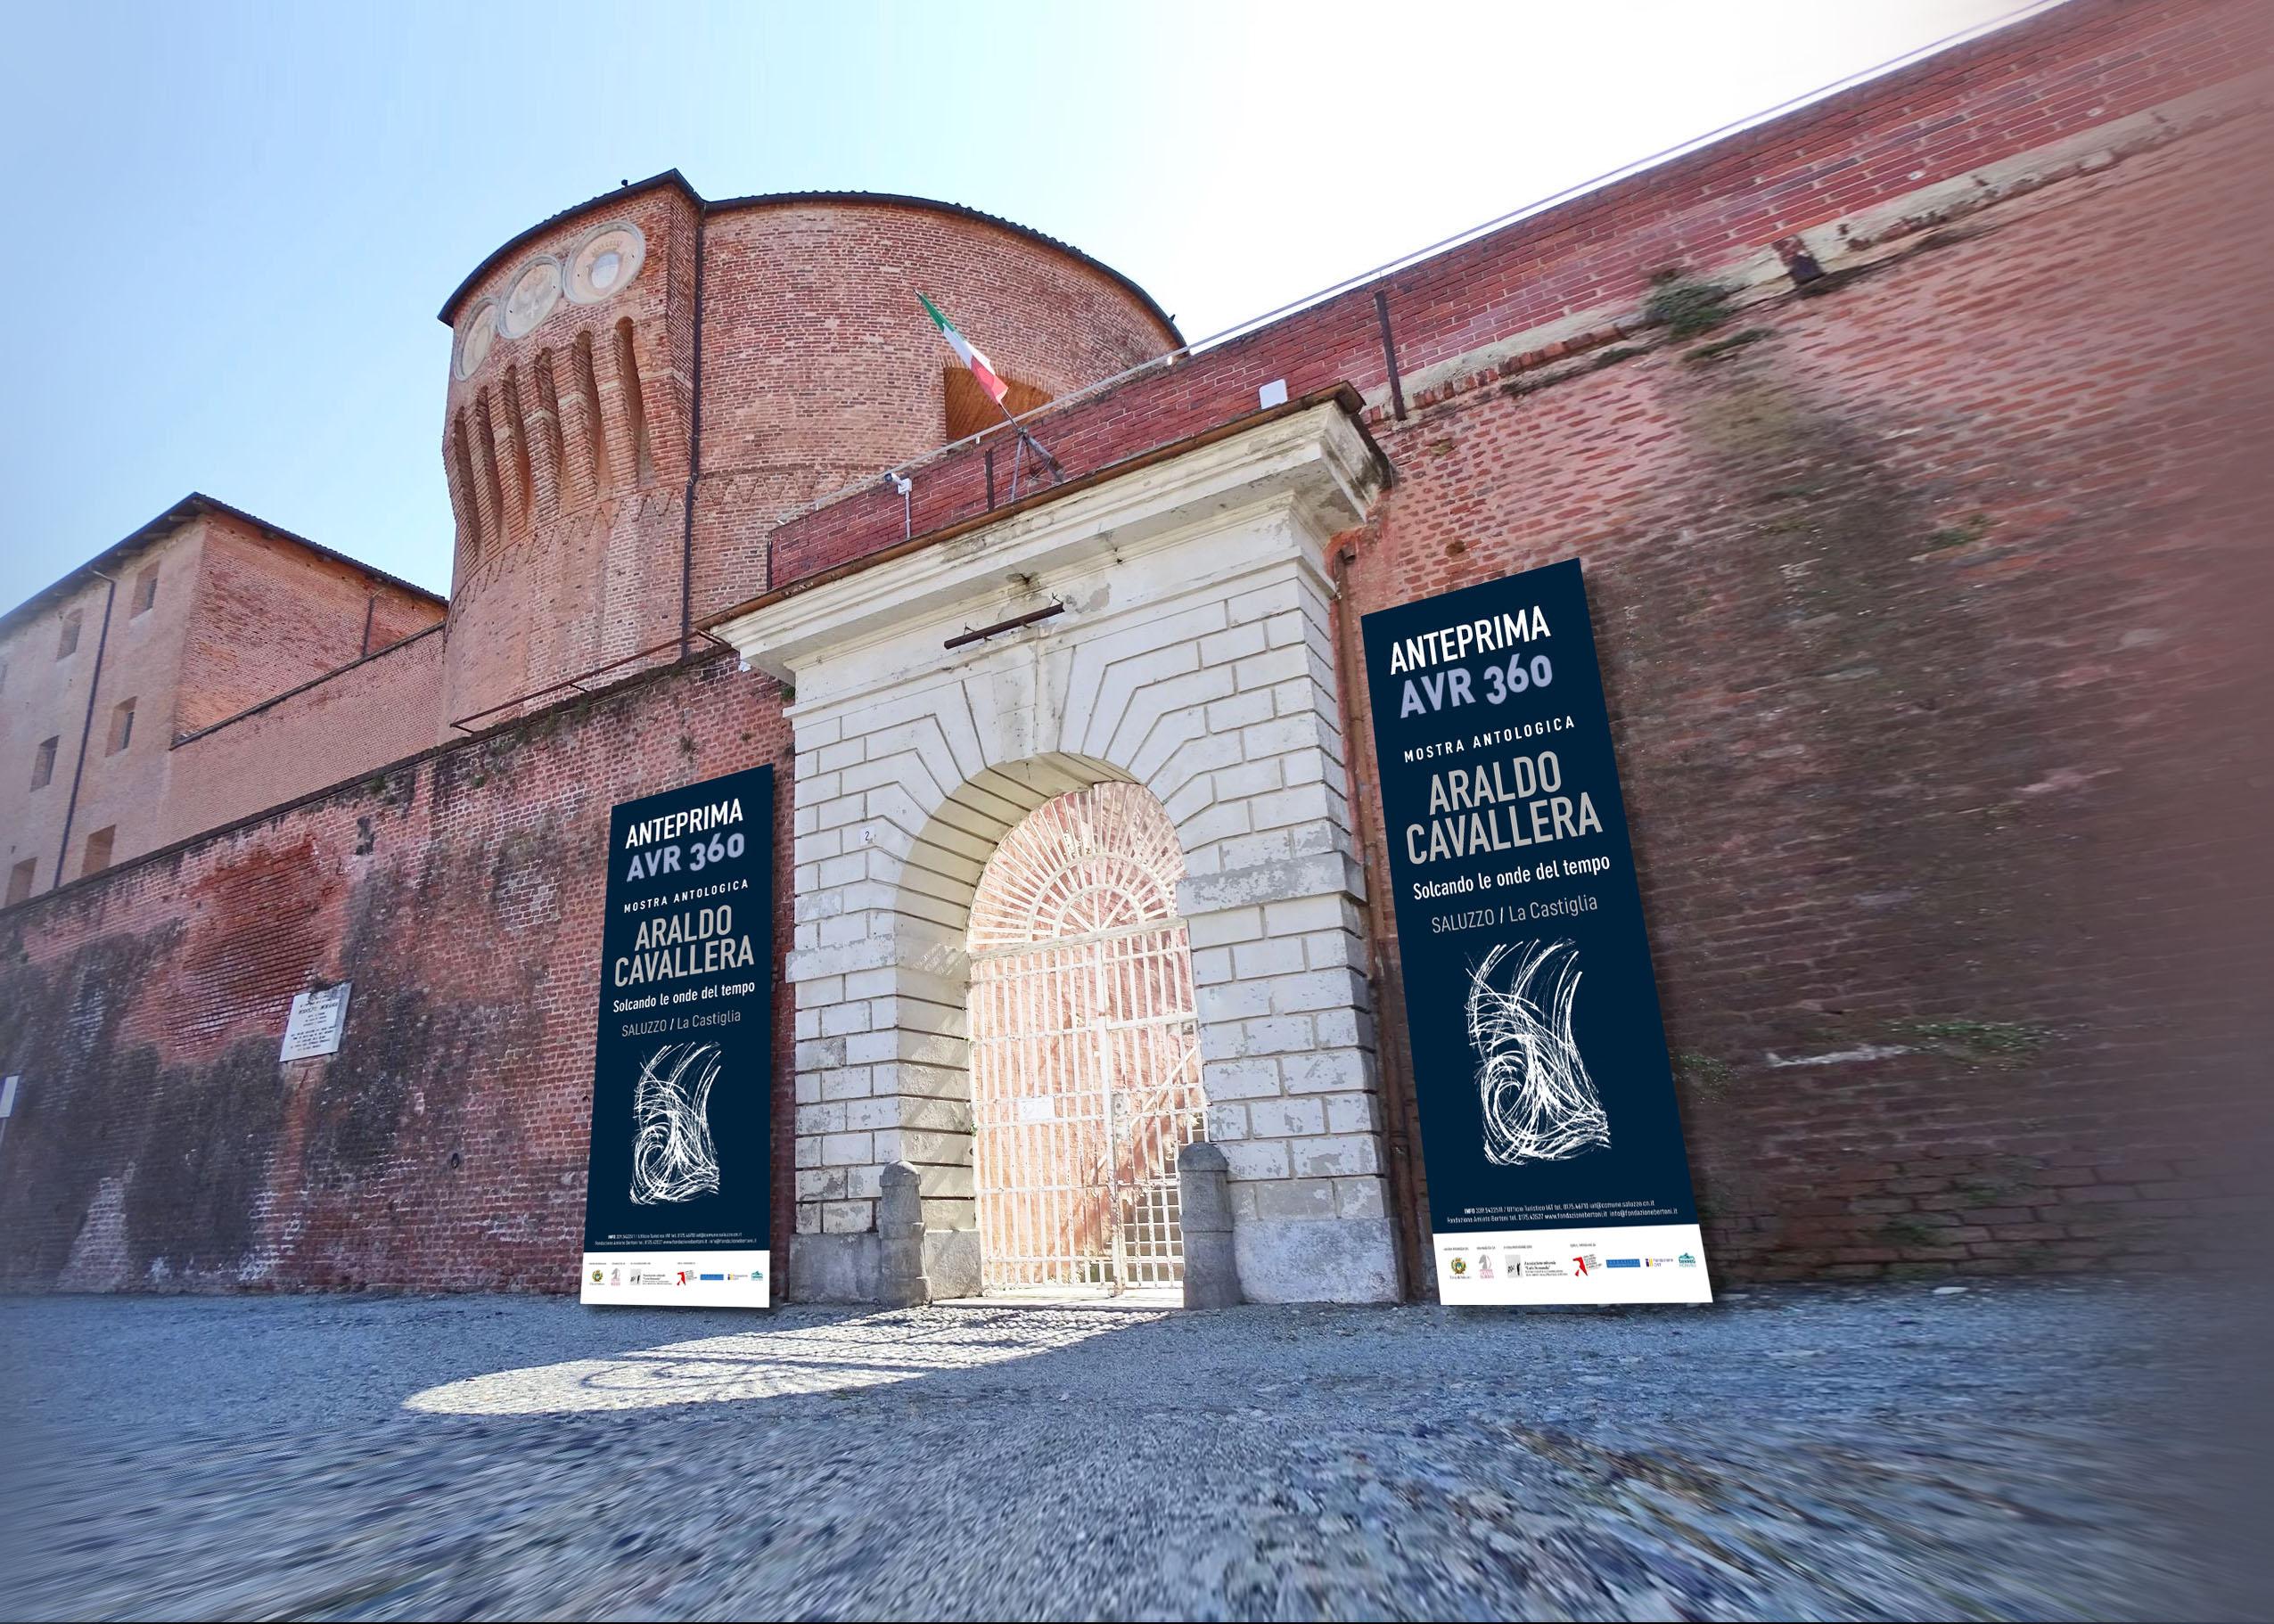 Araldo Cavallera, mostra virtuale in attesa dell'apertura alla Castiglia